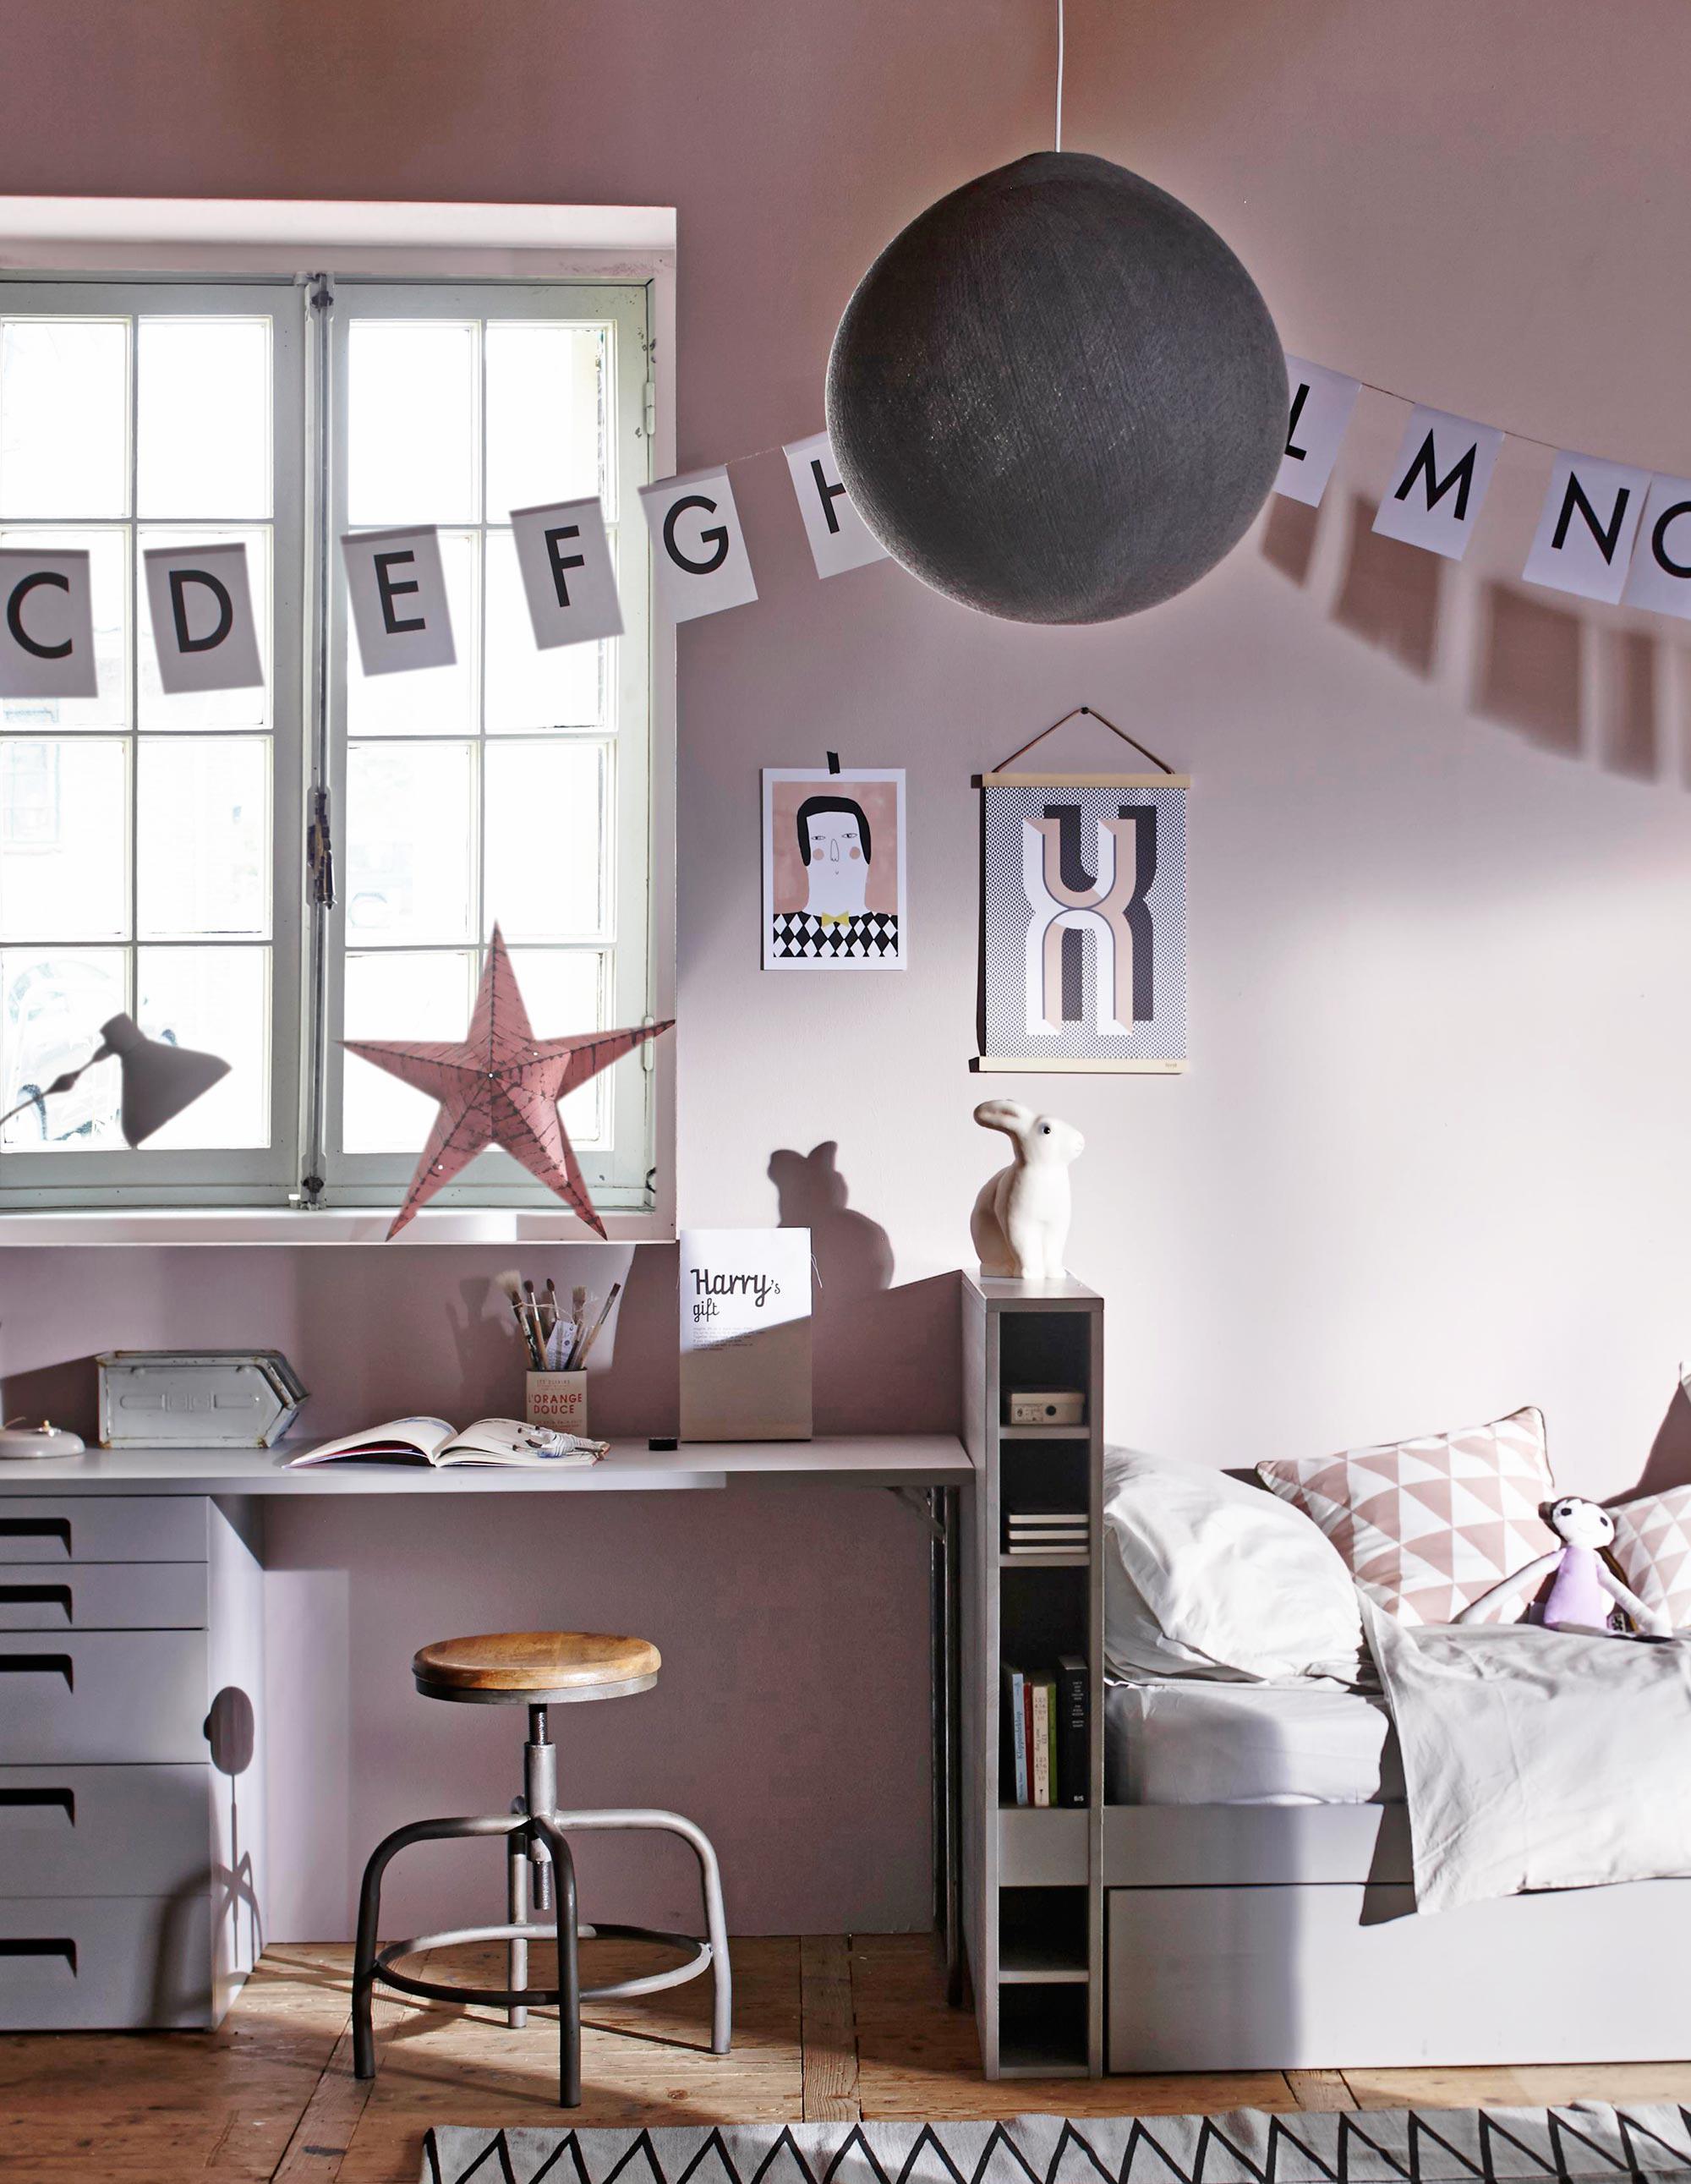 Meisjeskamer inspiratie get this kidsroom - Tiener meubilair ruimte meisje ...